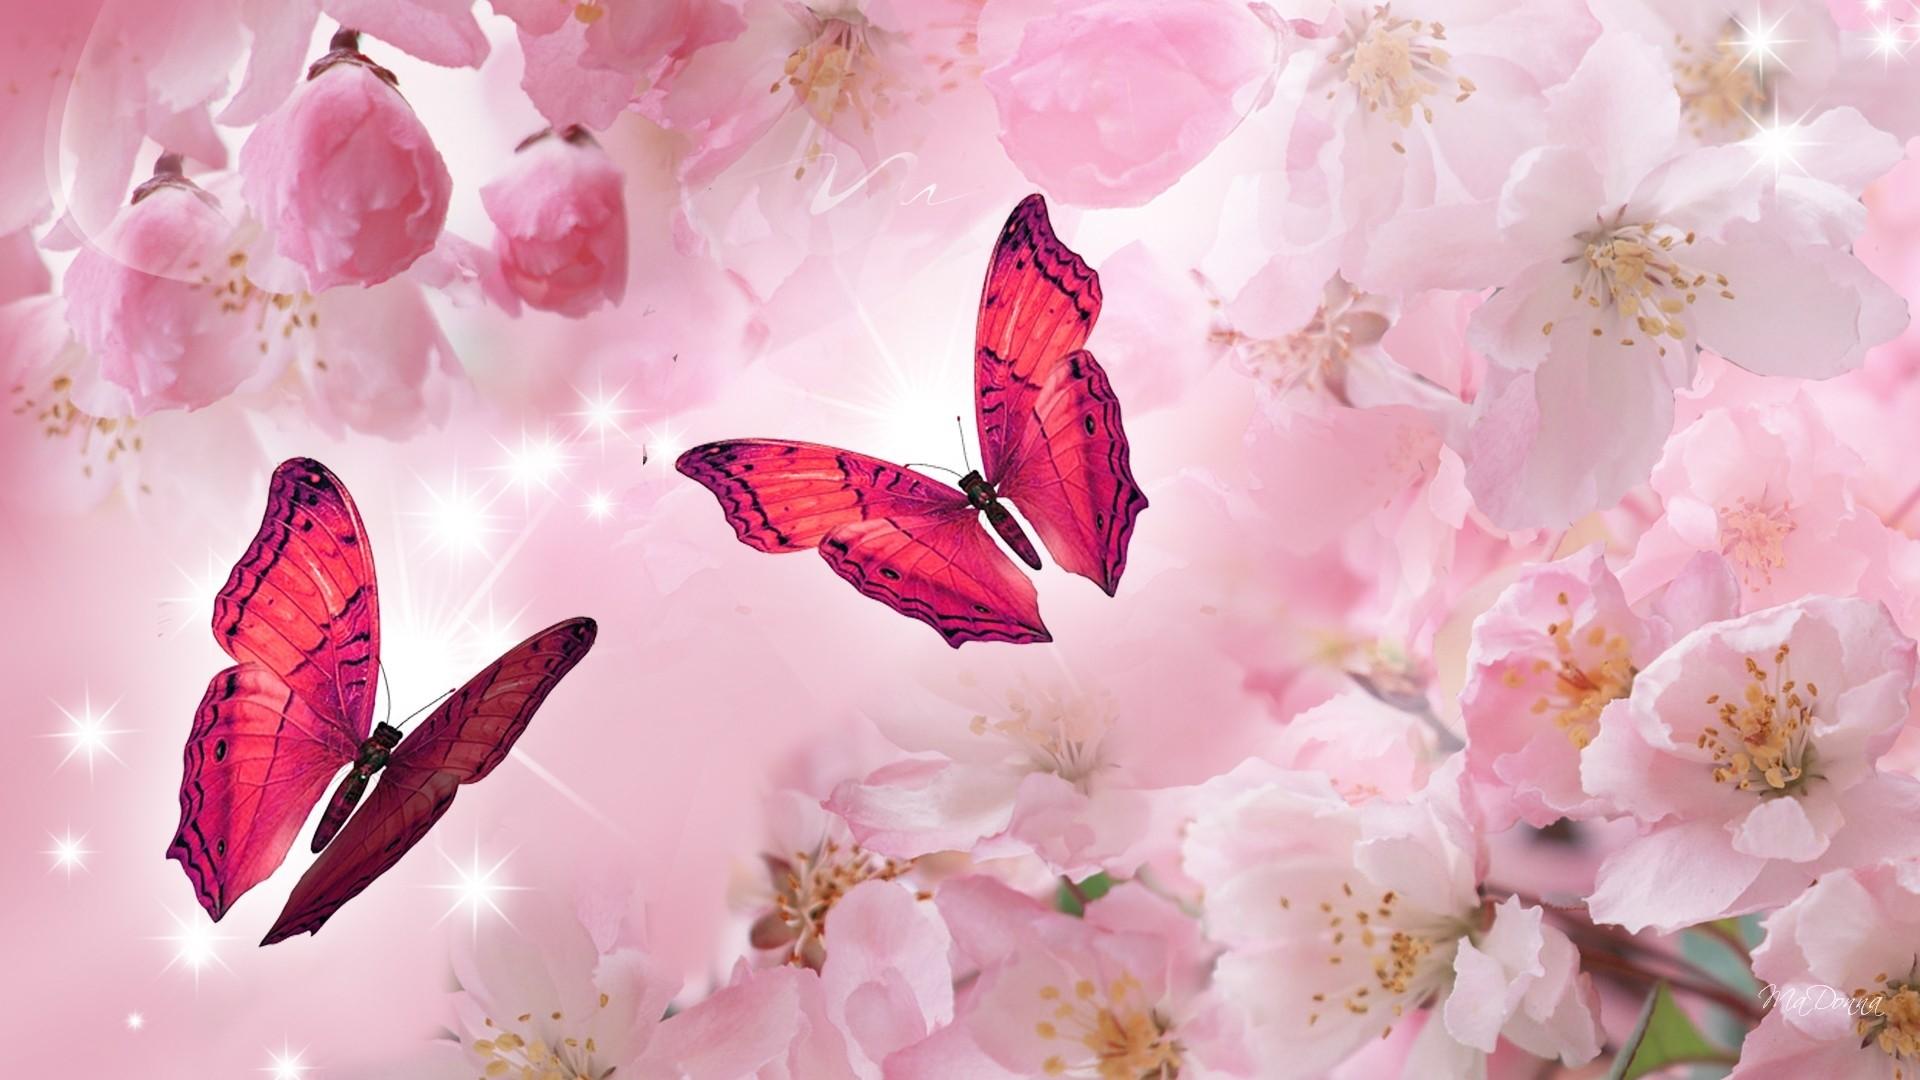 Pink Butterfly PC Wallpaper HD